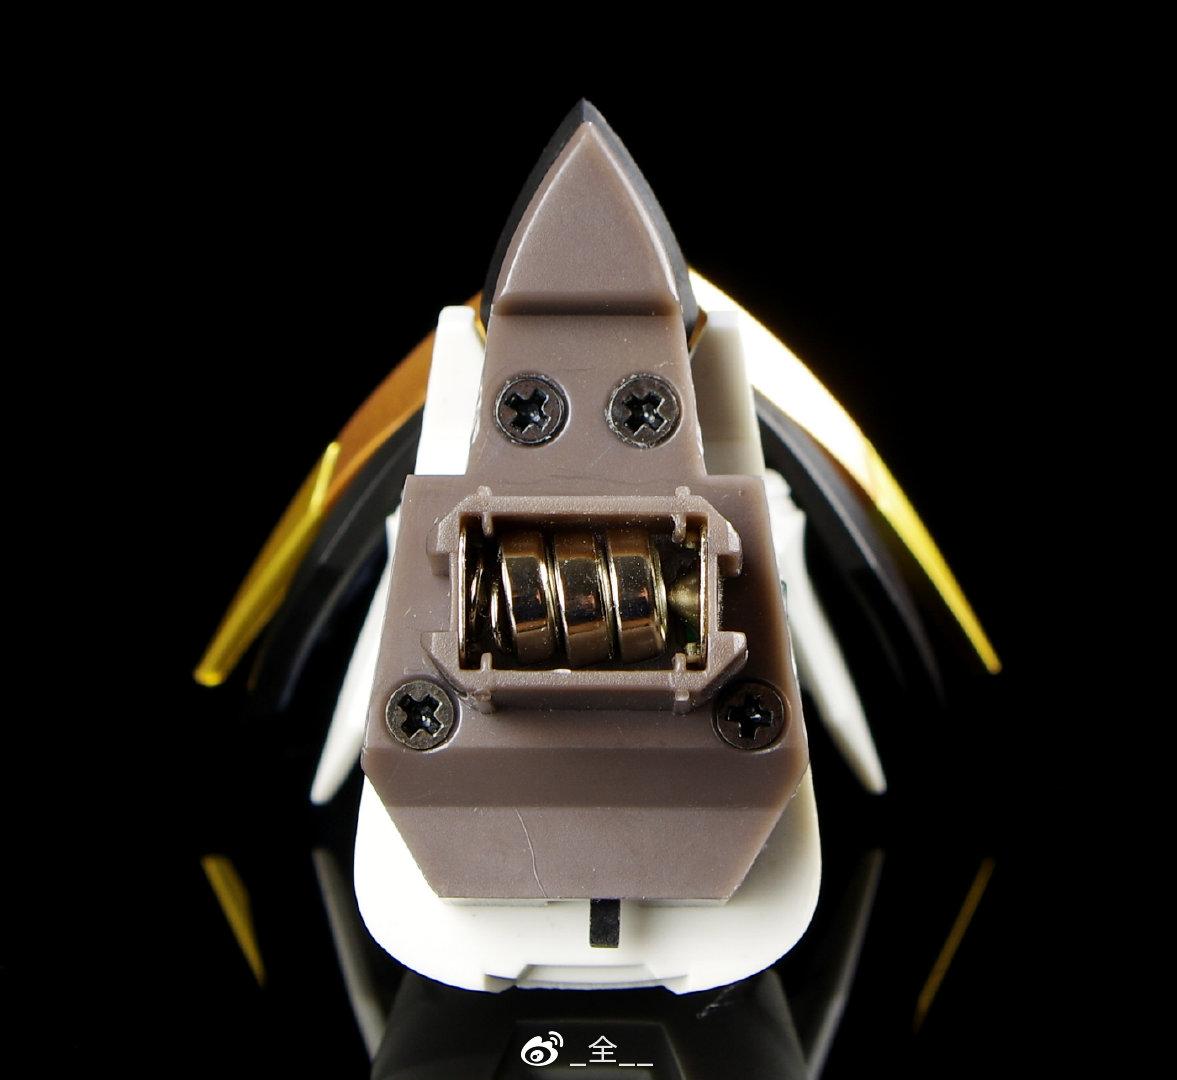 S318_MOTOR_NUCLEAR_074.jpg